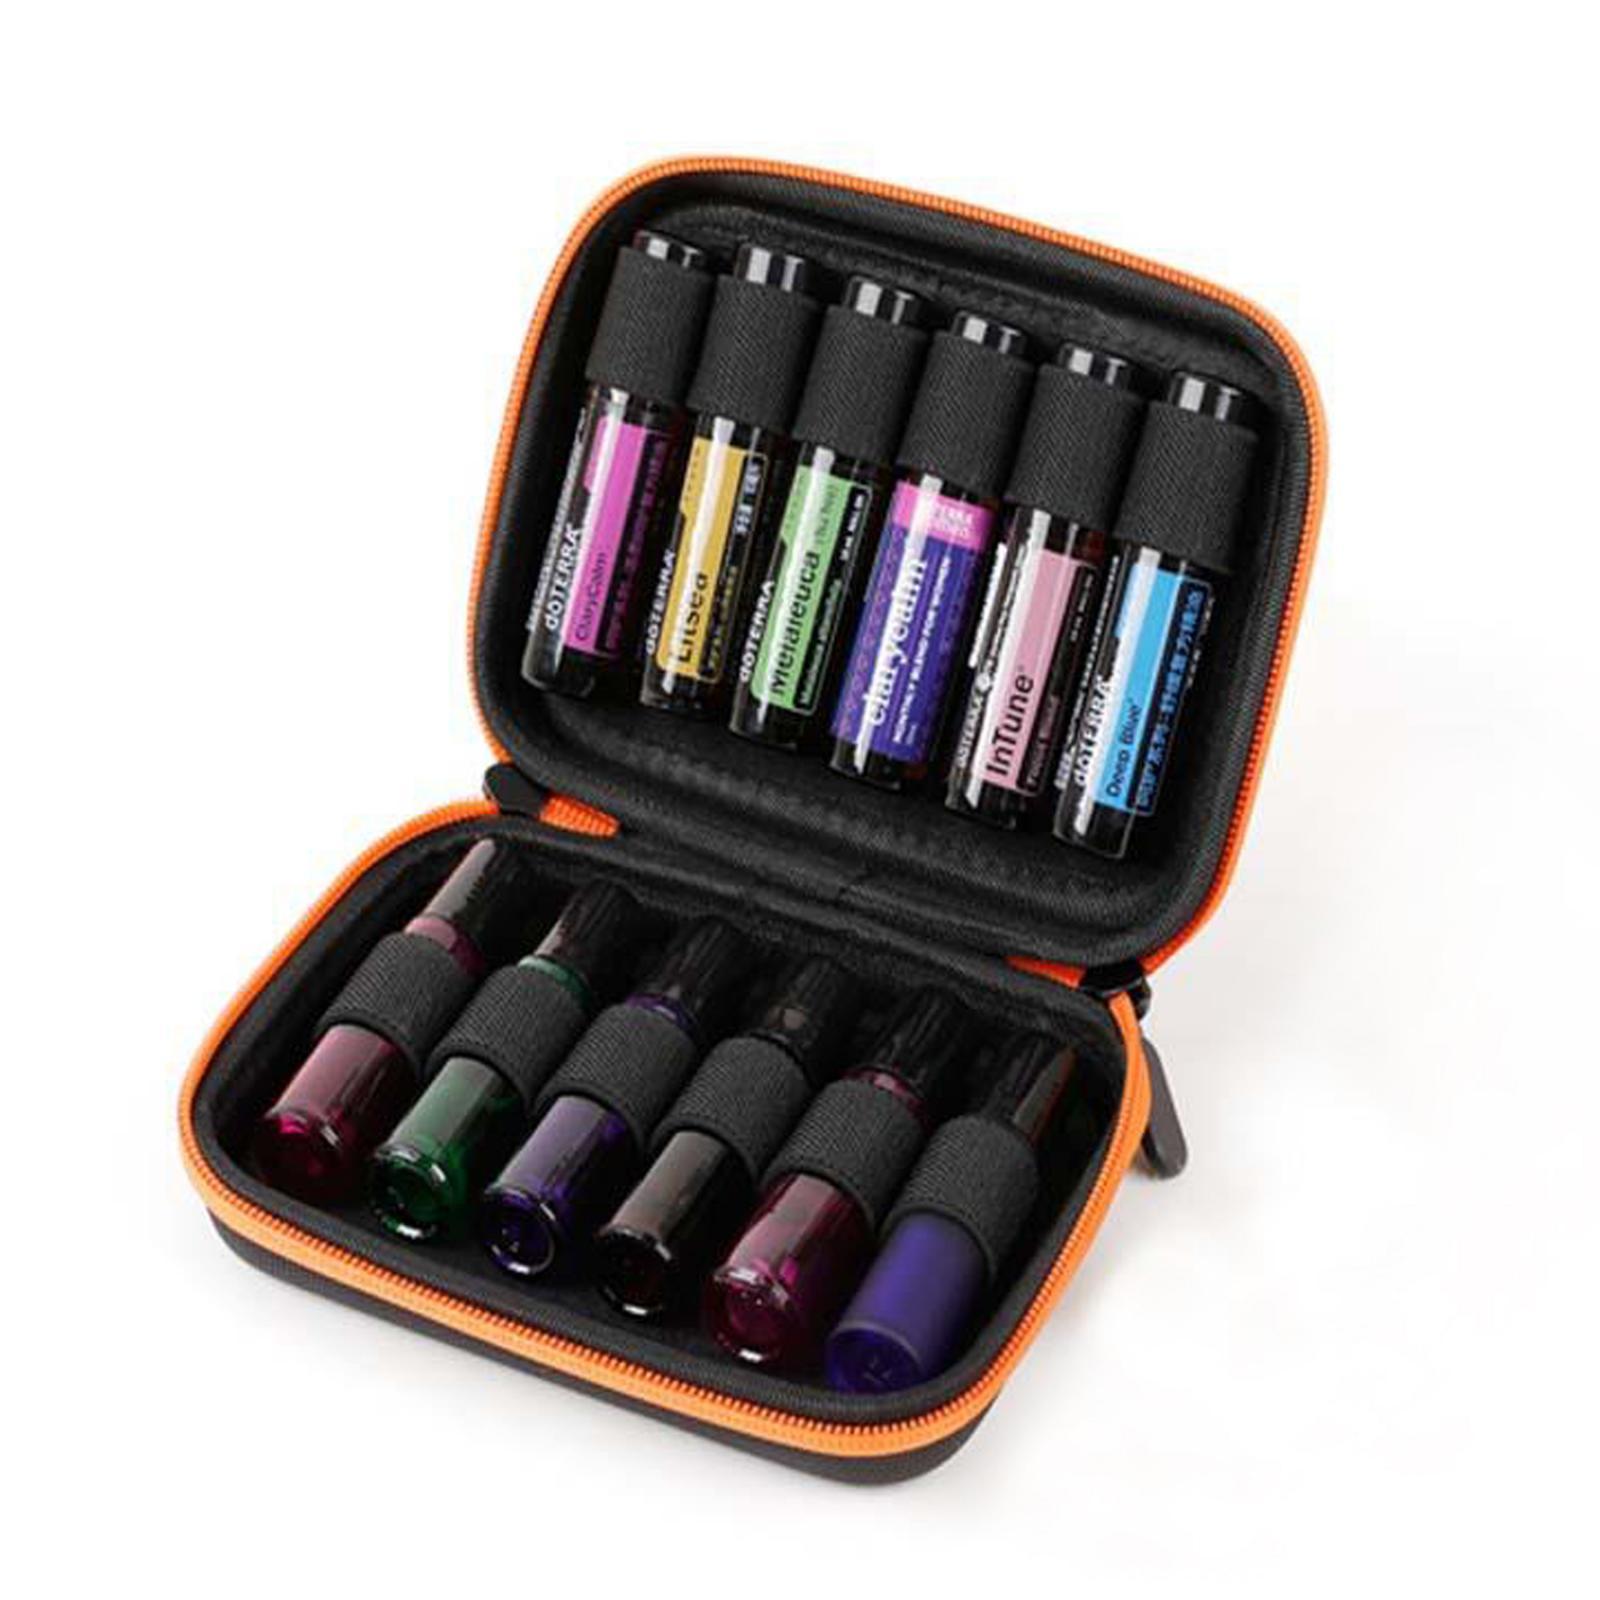 Sacchetto-di-olio-essenziale-custodia-da-viaggio-per-aromaterapia-da-10ml-per-12 miniatura 20